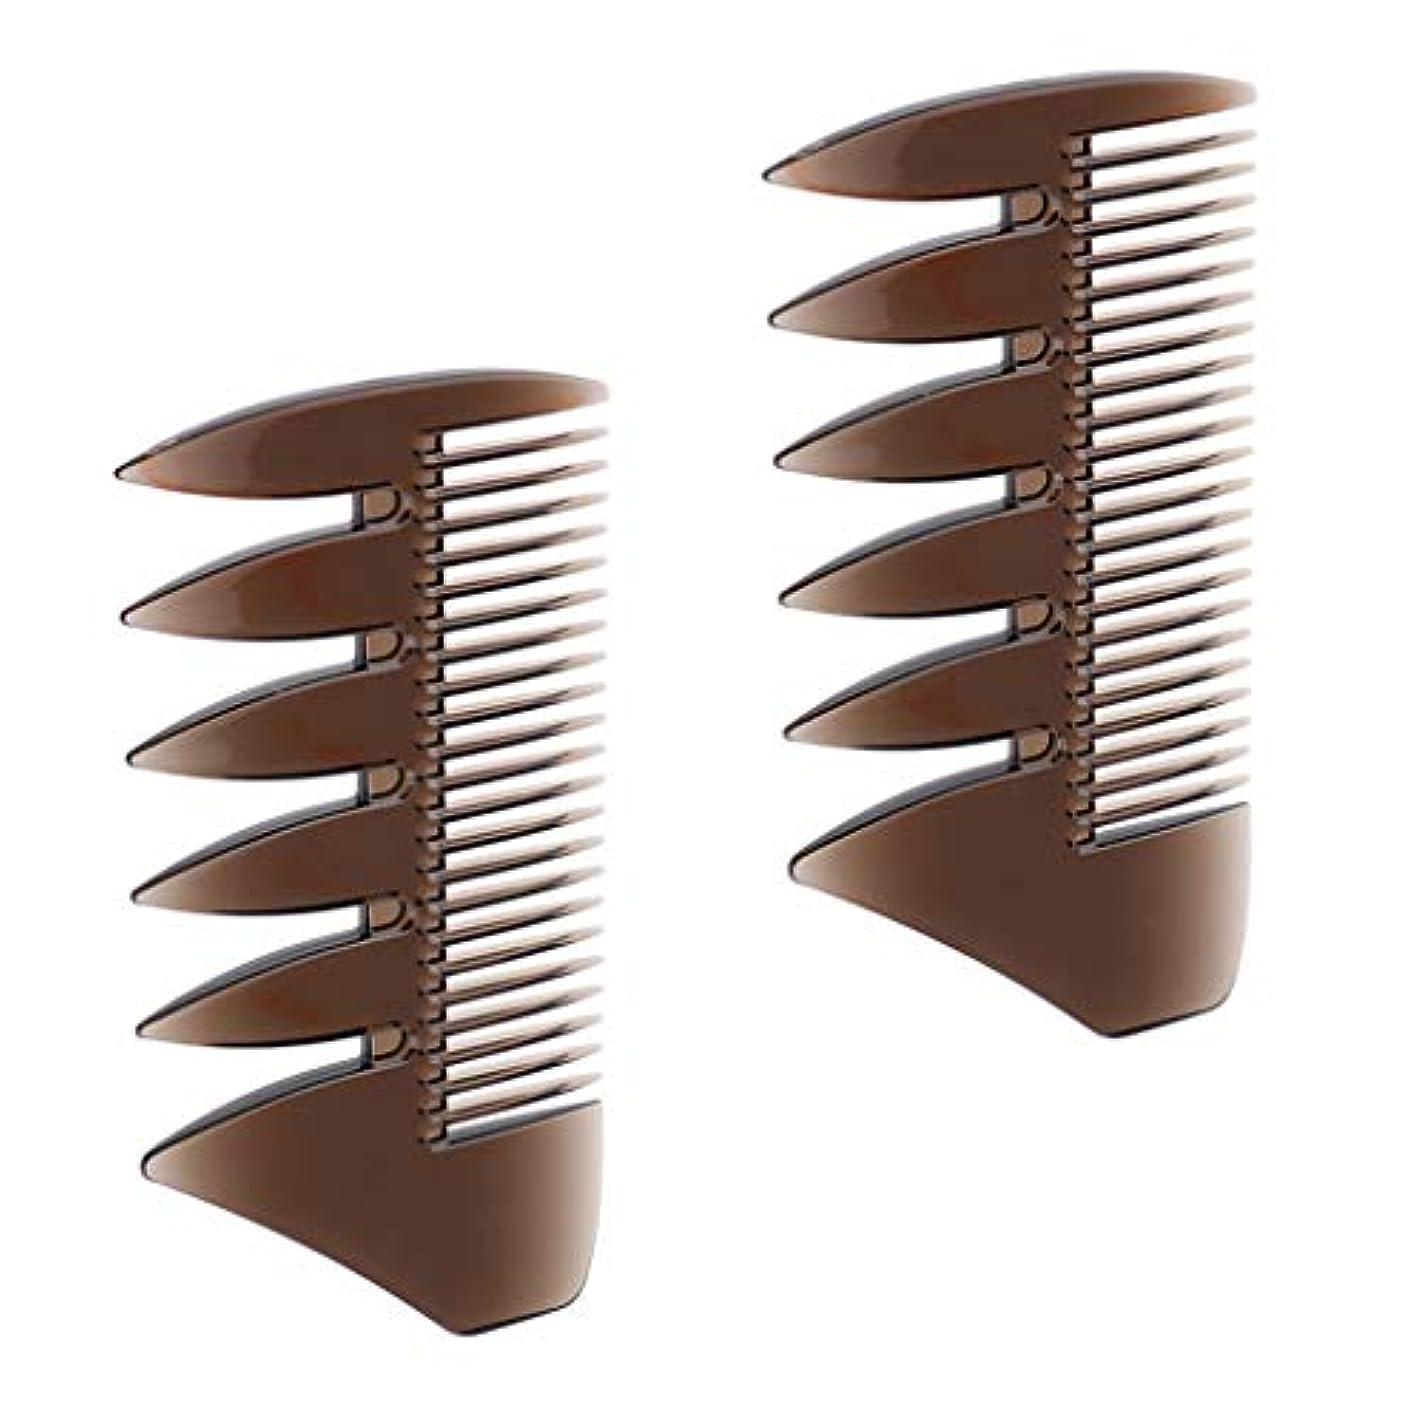 2個入 ヘアコンビ デュアルサイド メンズ 髪櫛 ヘアサロン ヘアスタイリング 散髪店/美容院専用櫛